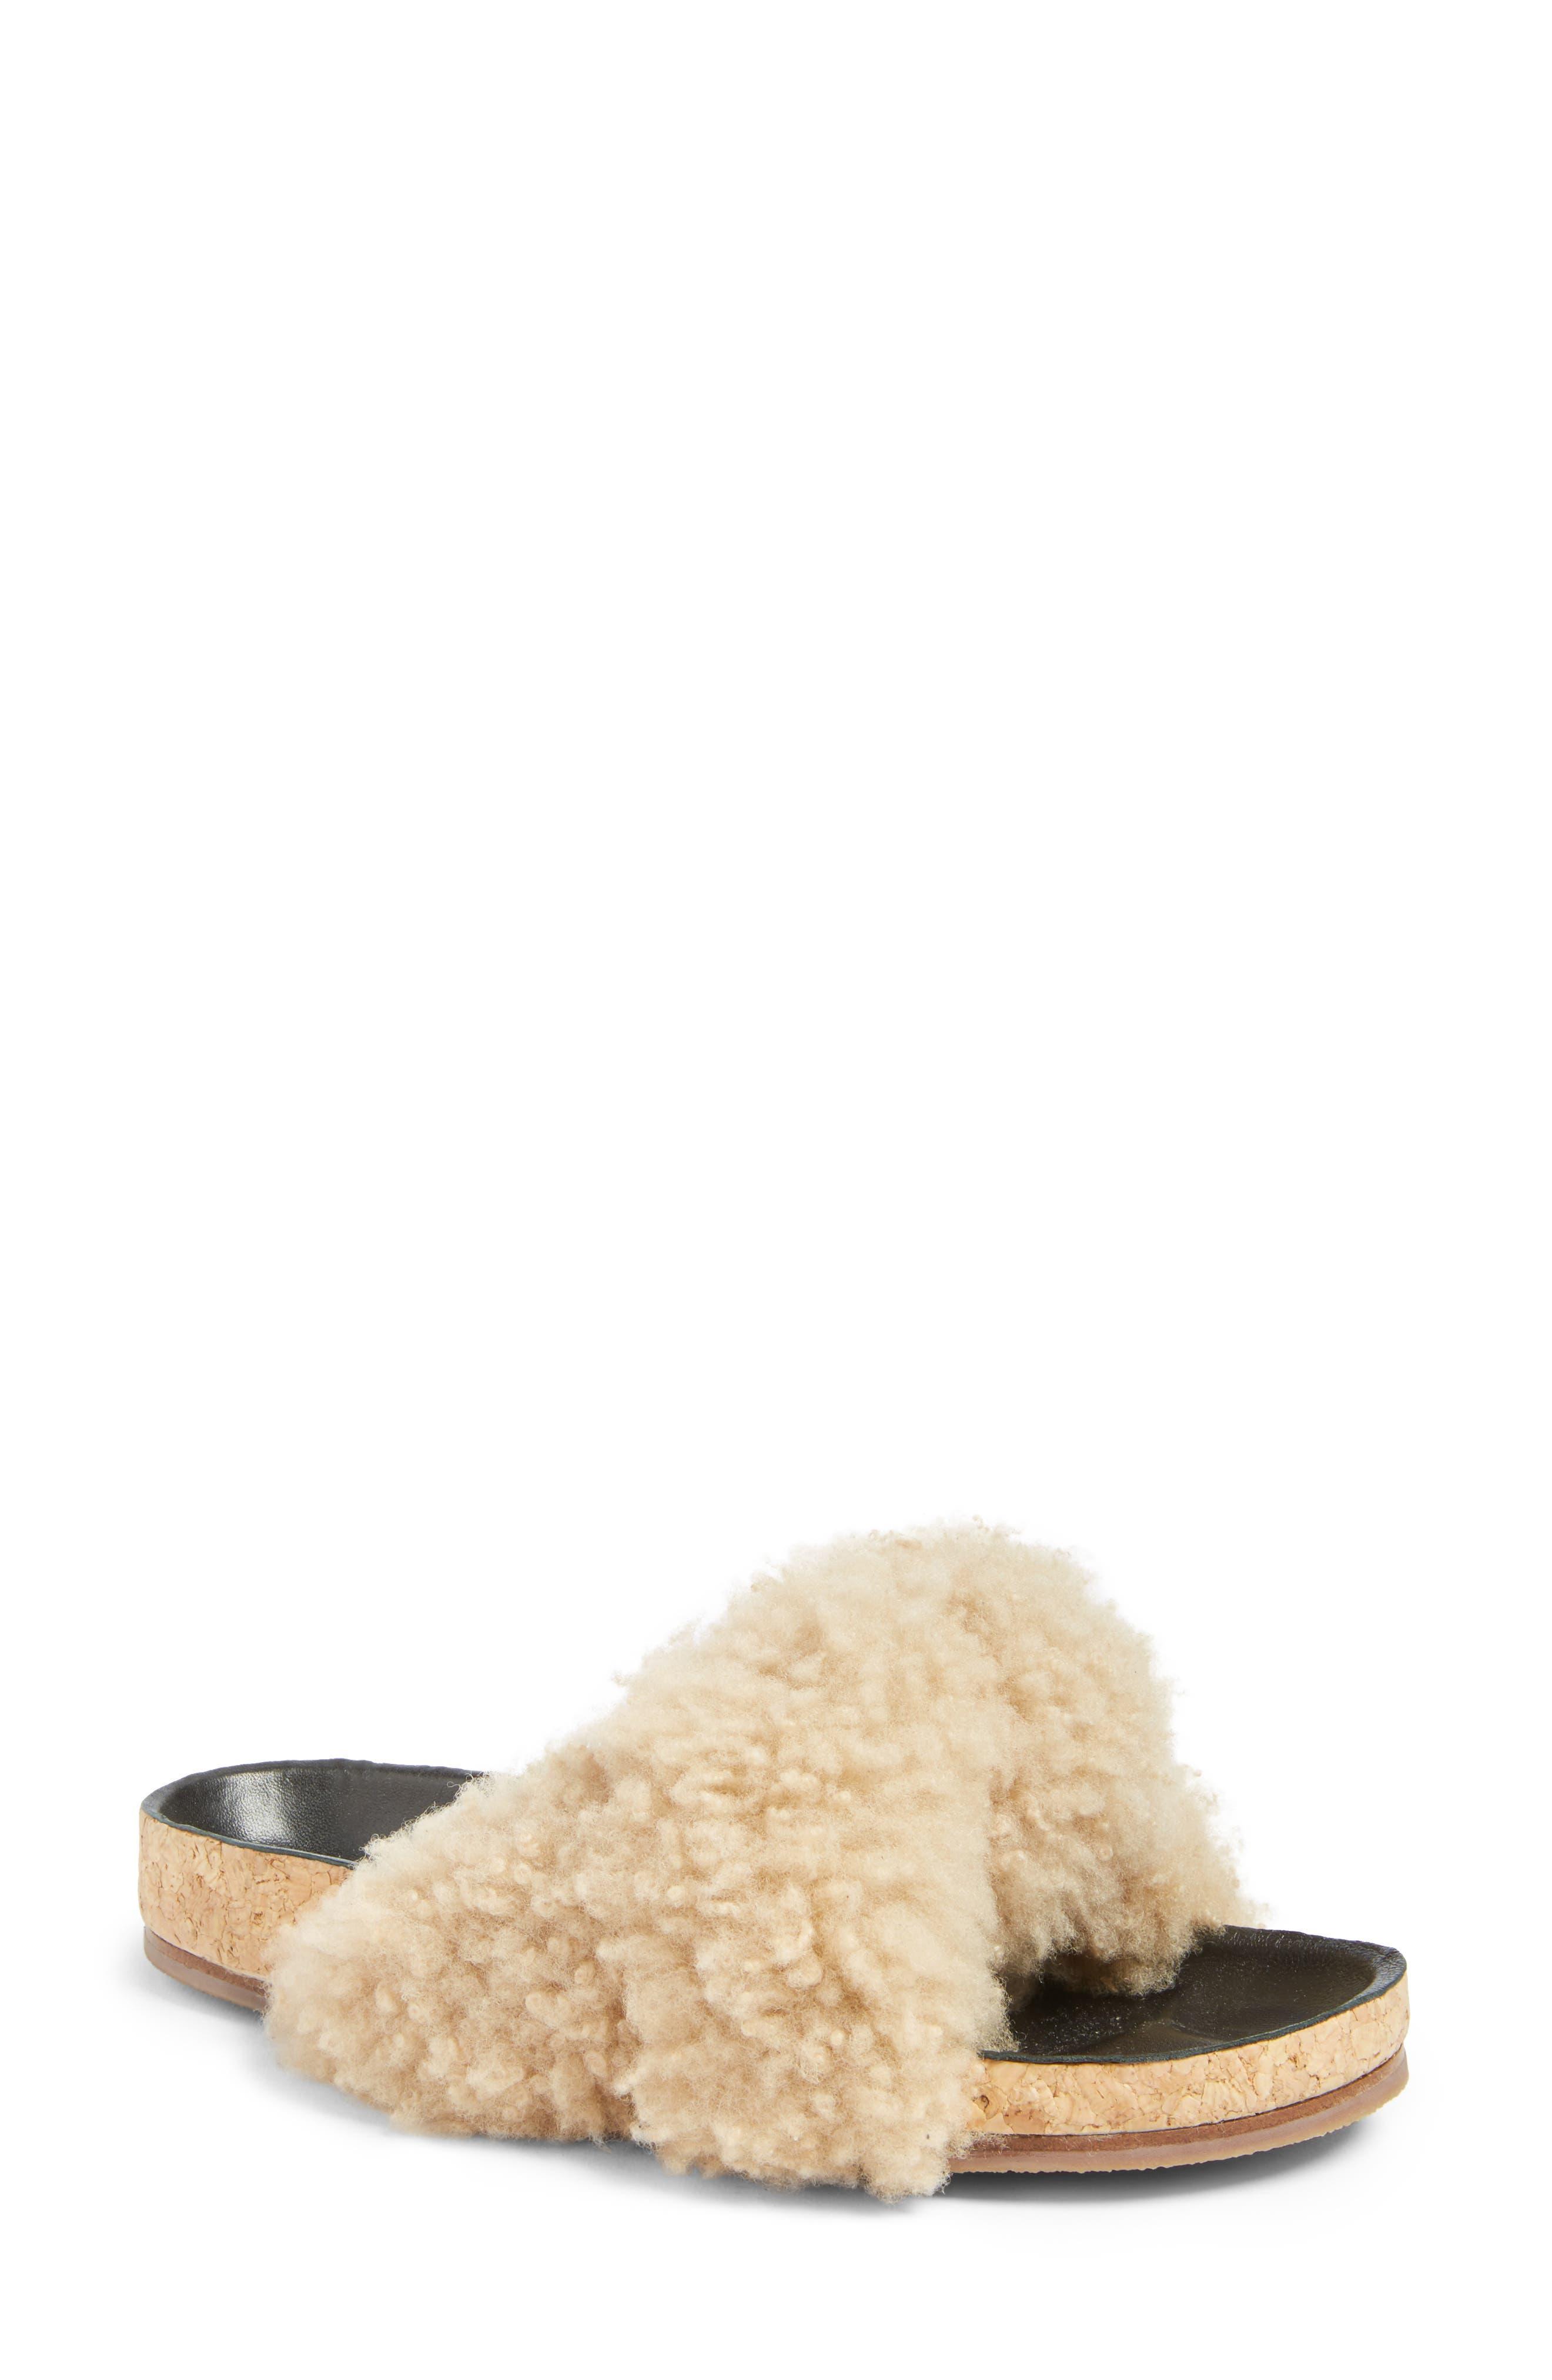 Alternate Image 1 Selected - Chloé Kerenn Genuine Shearling Sandal (Women)